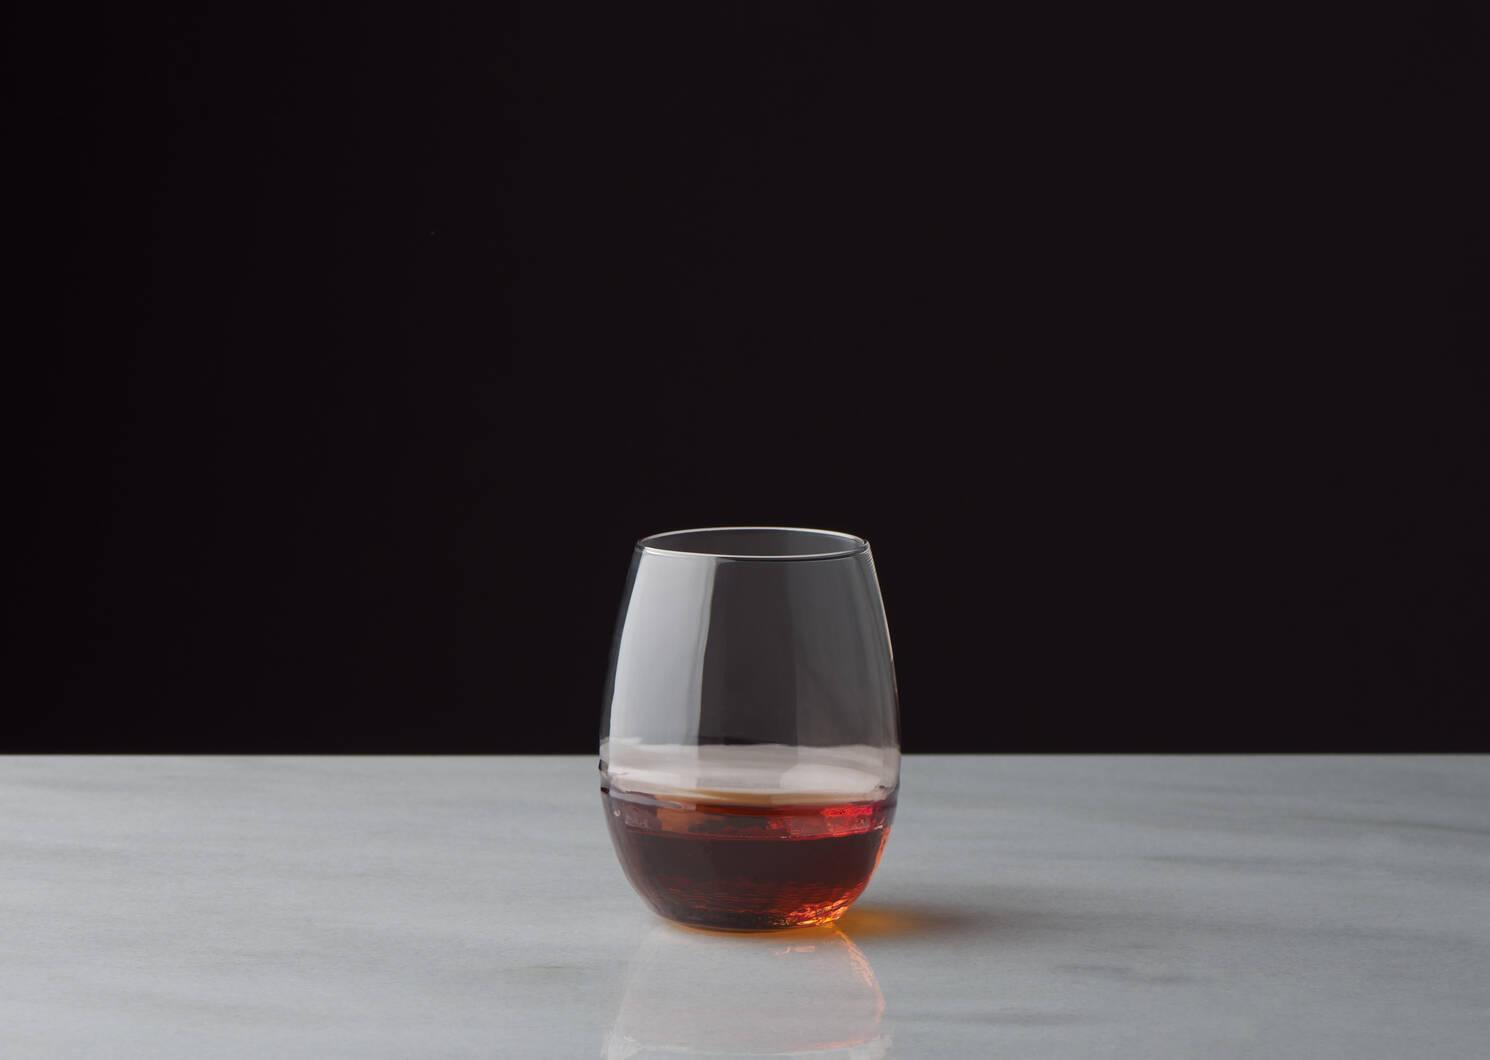 Niva OF Glass Terracotta